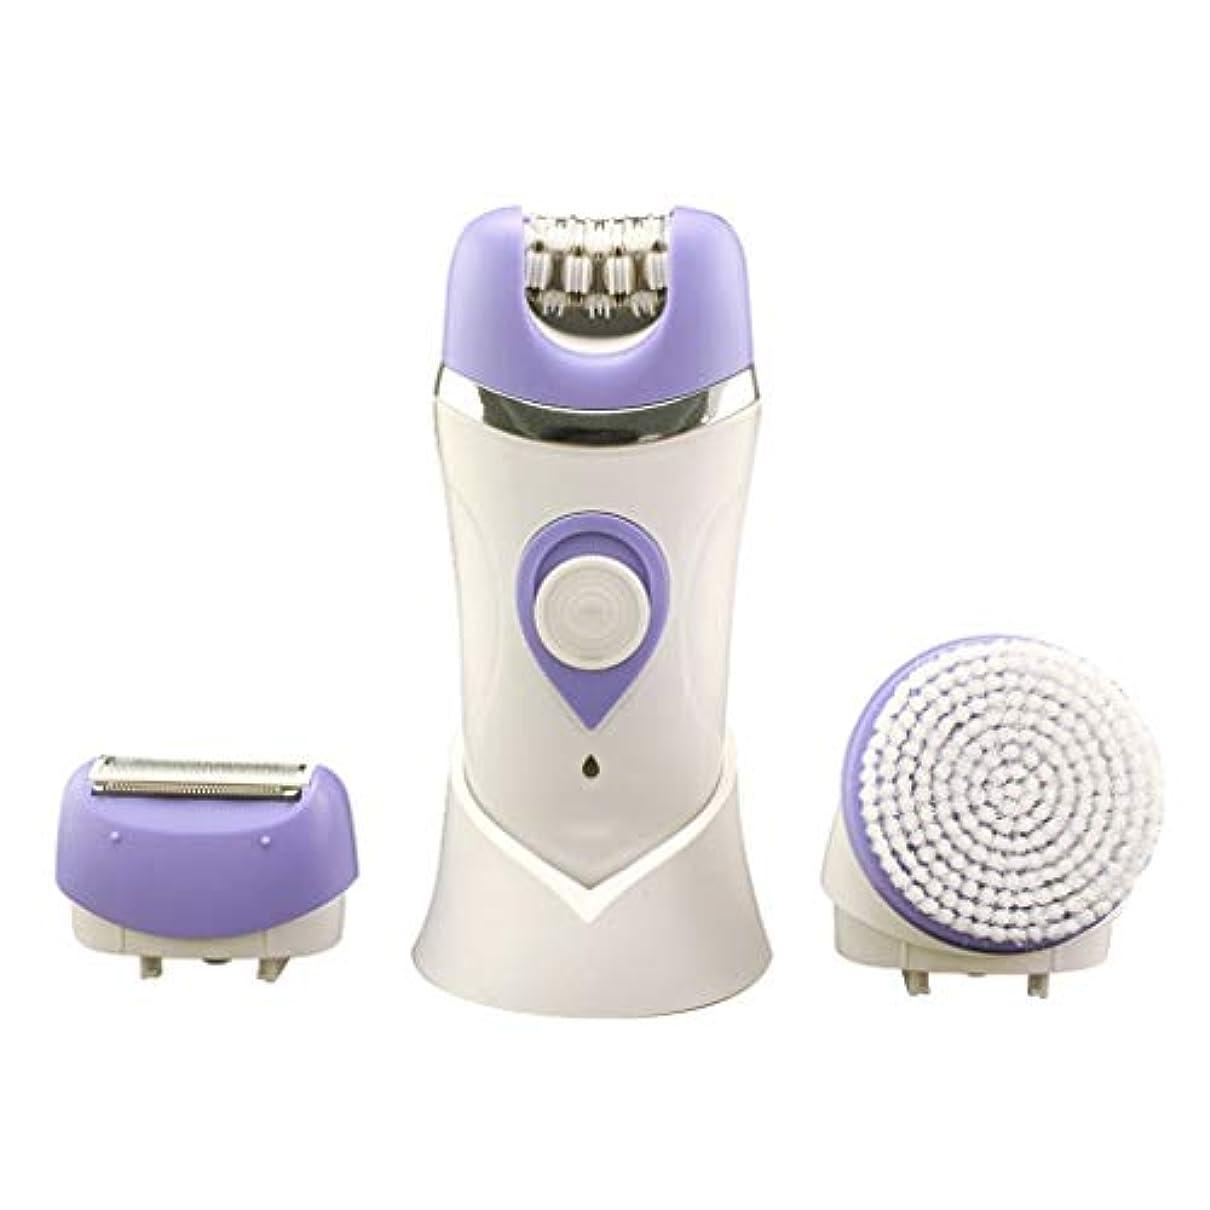 ロゴ振る舞いアラビア語女性用電気かみそり、女性用充電式防水脱毛器3 in 1多機能は、足と体から余分な髪を取り除きます (Color : Purple)